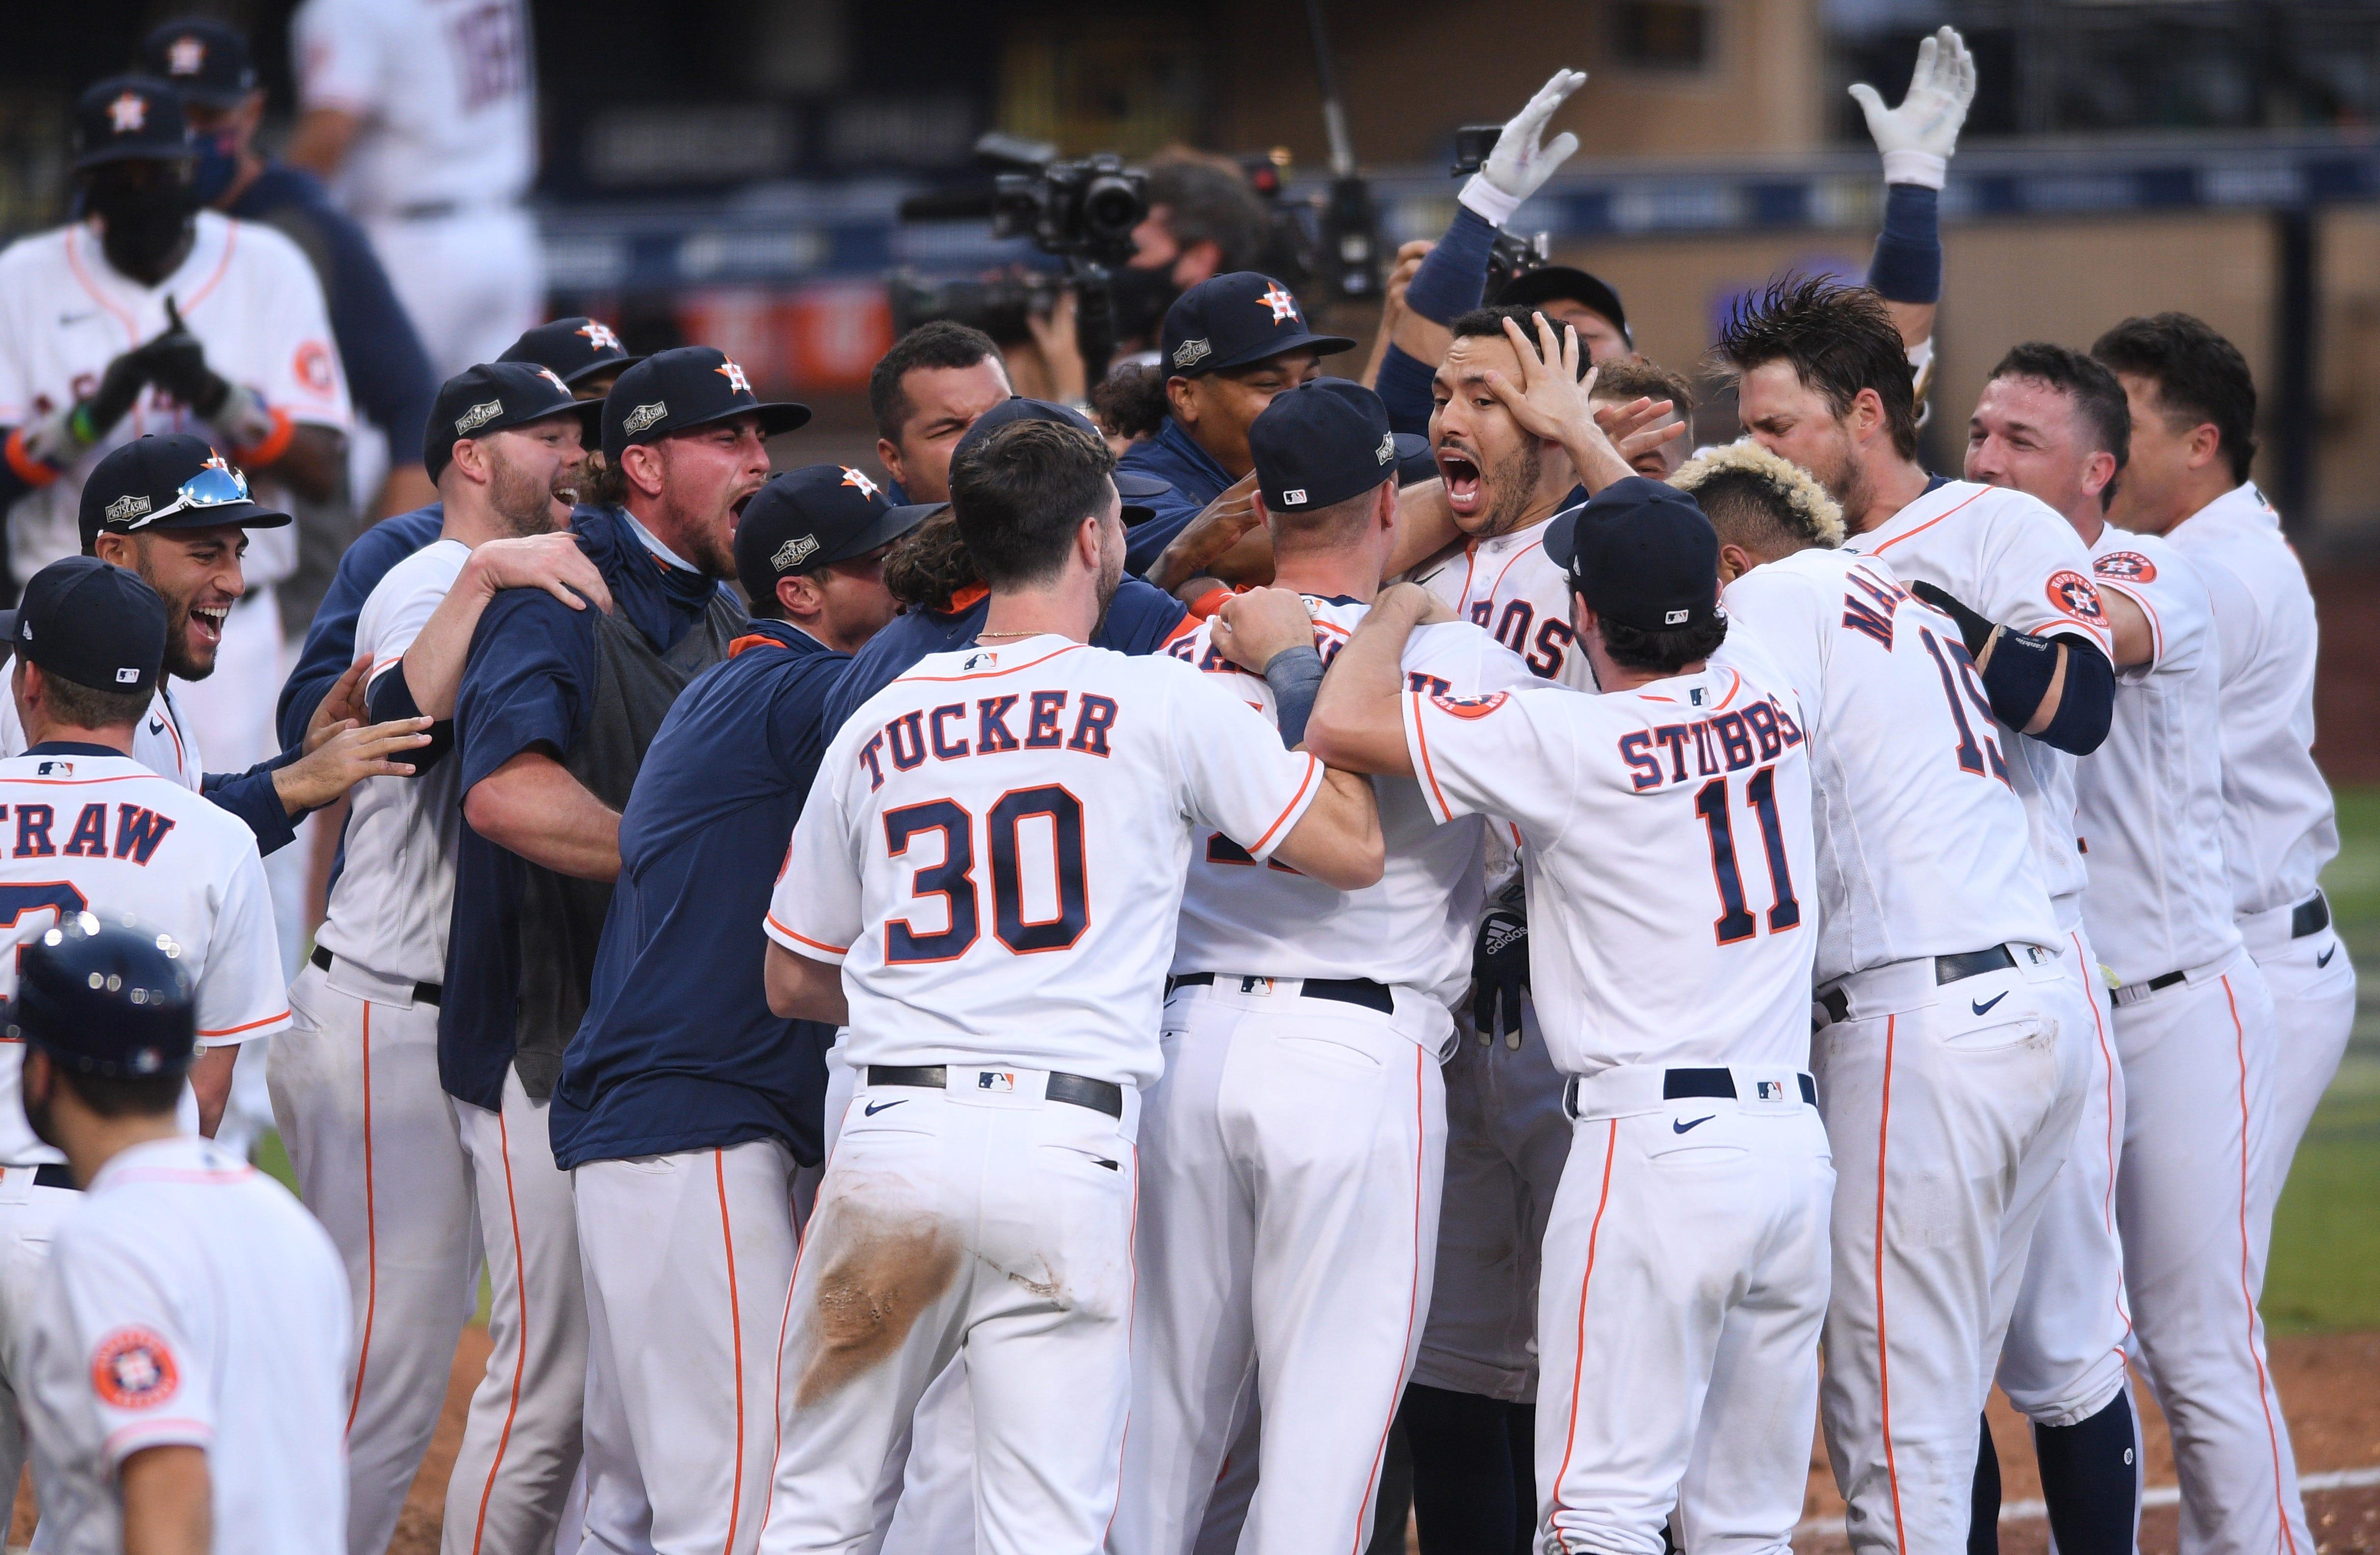 Carlos Correa's walk-off homer keeps Astros alive in ALCS vs. Rays